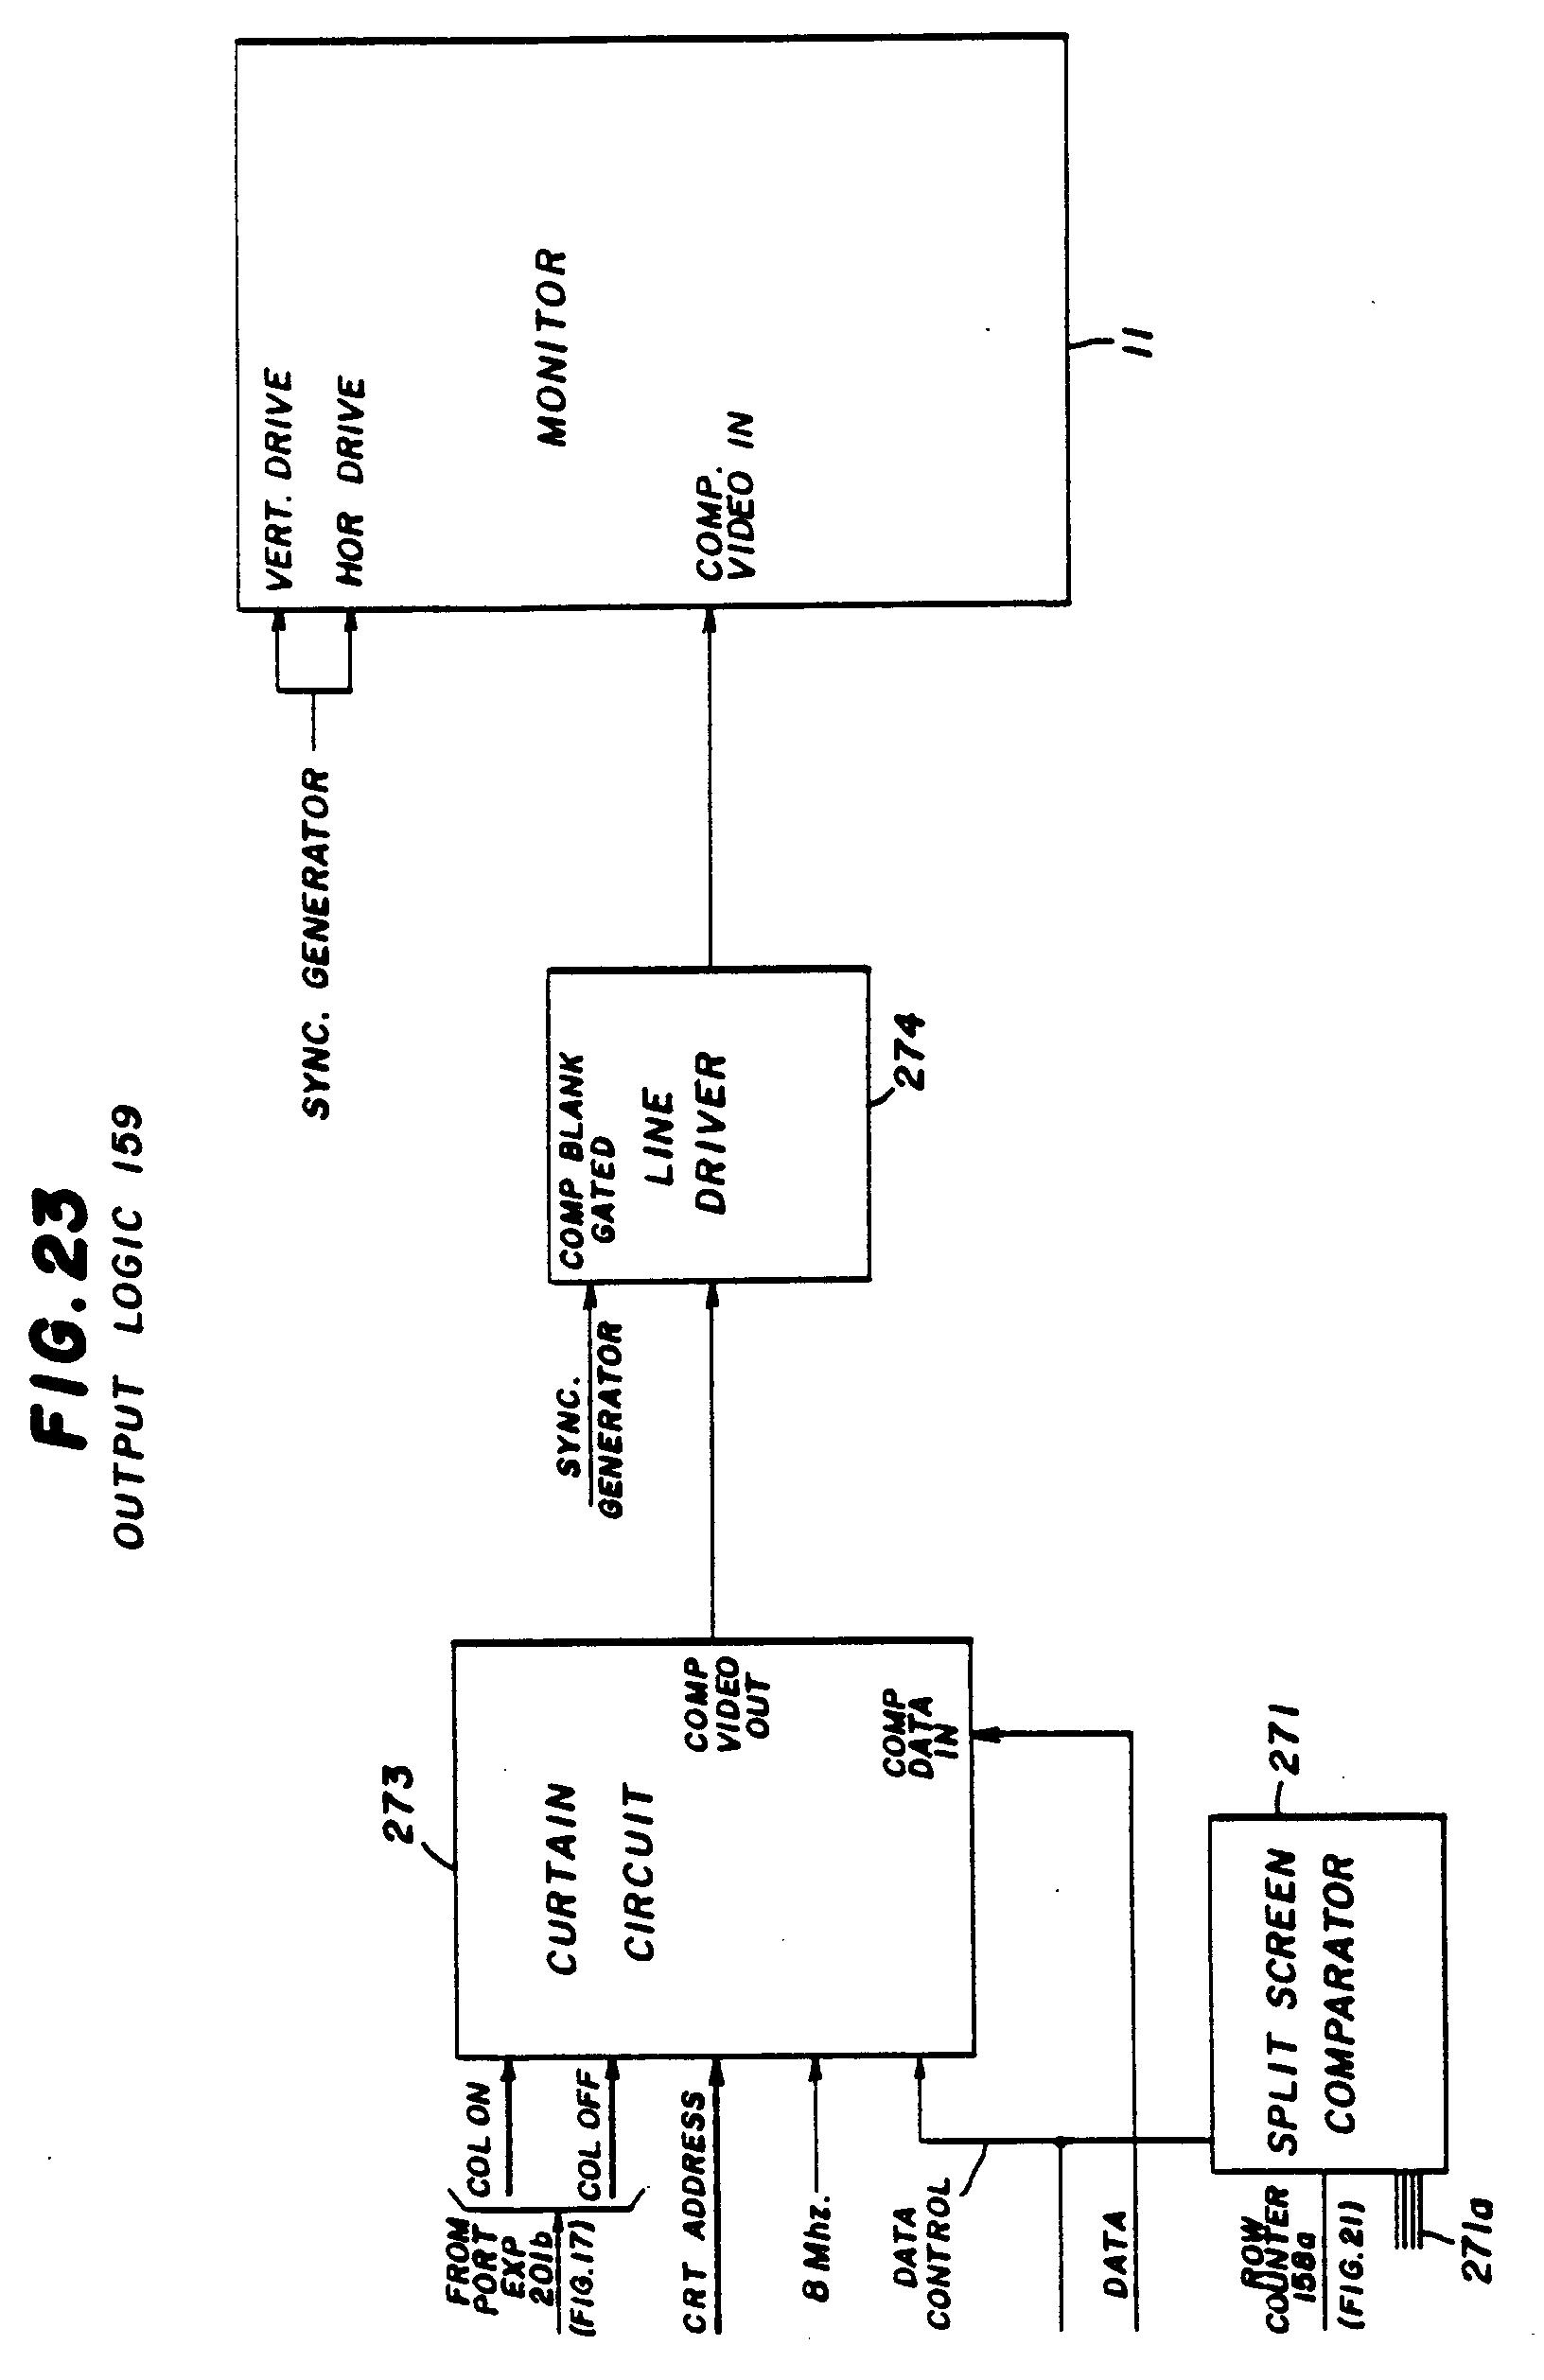 International Firing Order Diagram Trusted Wiring Diagrams Ford 8n 345 Complete U2022 58